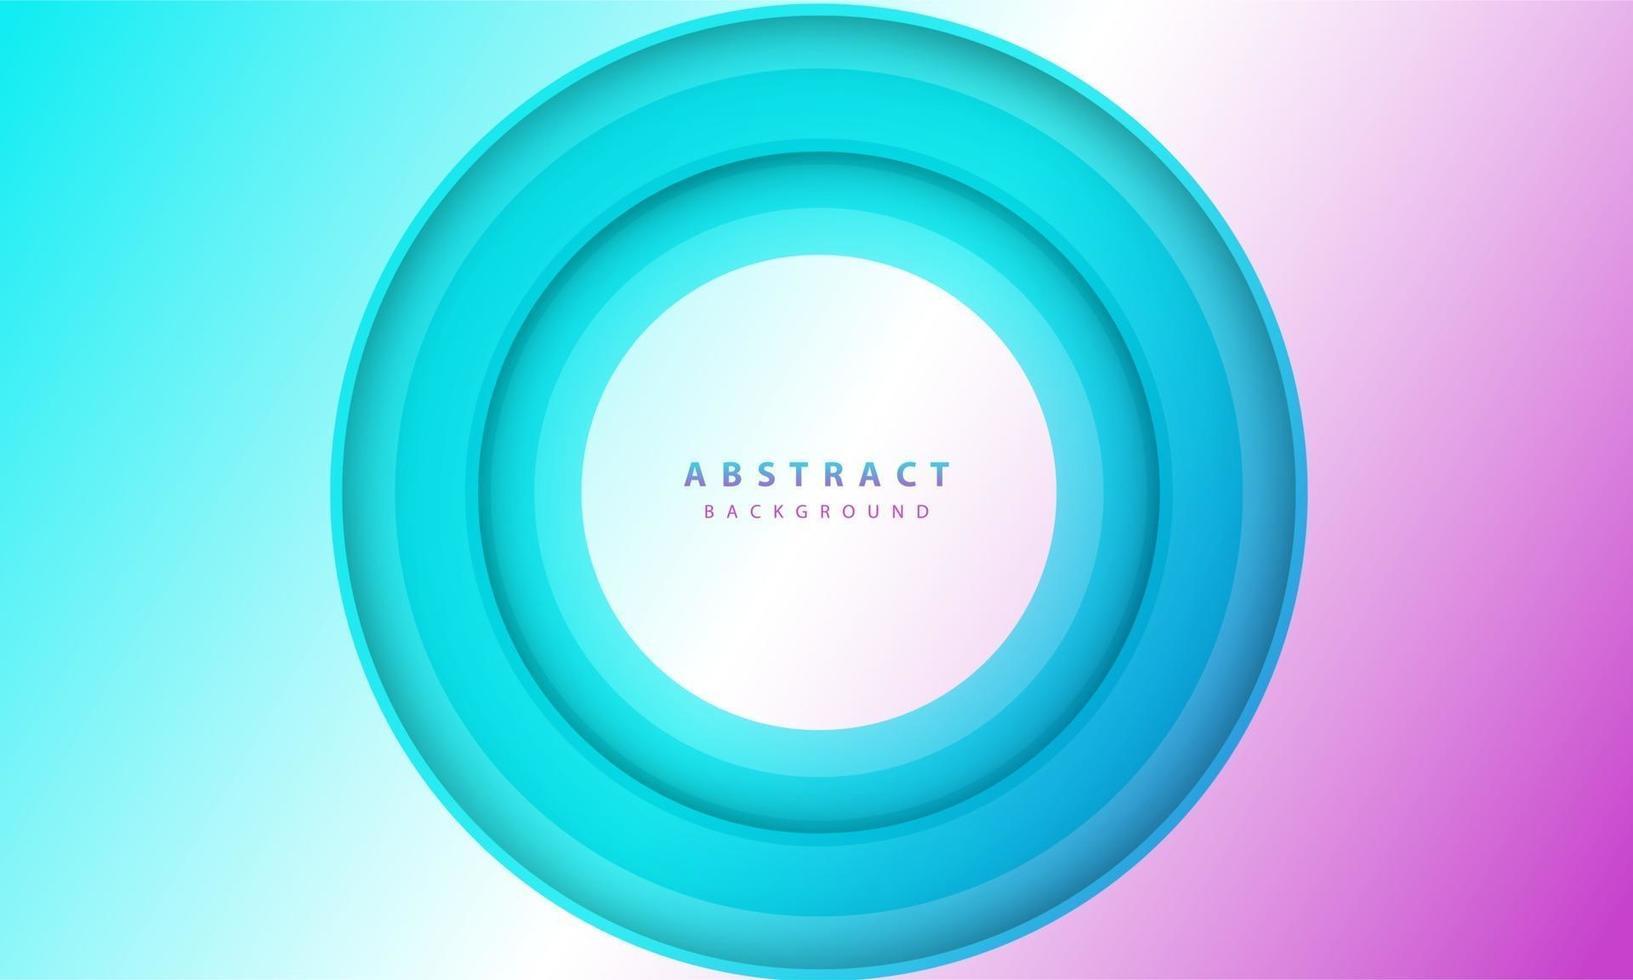 Farbverlauf Hintergrund. abstrakter Kreis Papierschnitt glatte Farbzusammensetzung. vektor